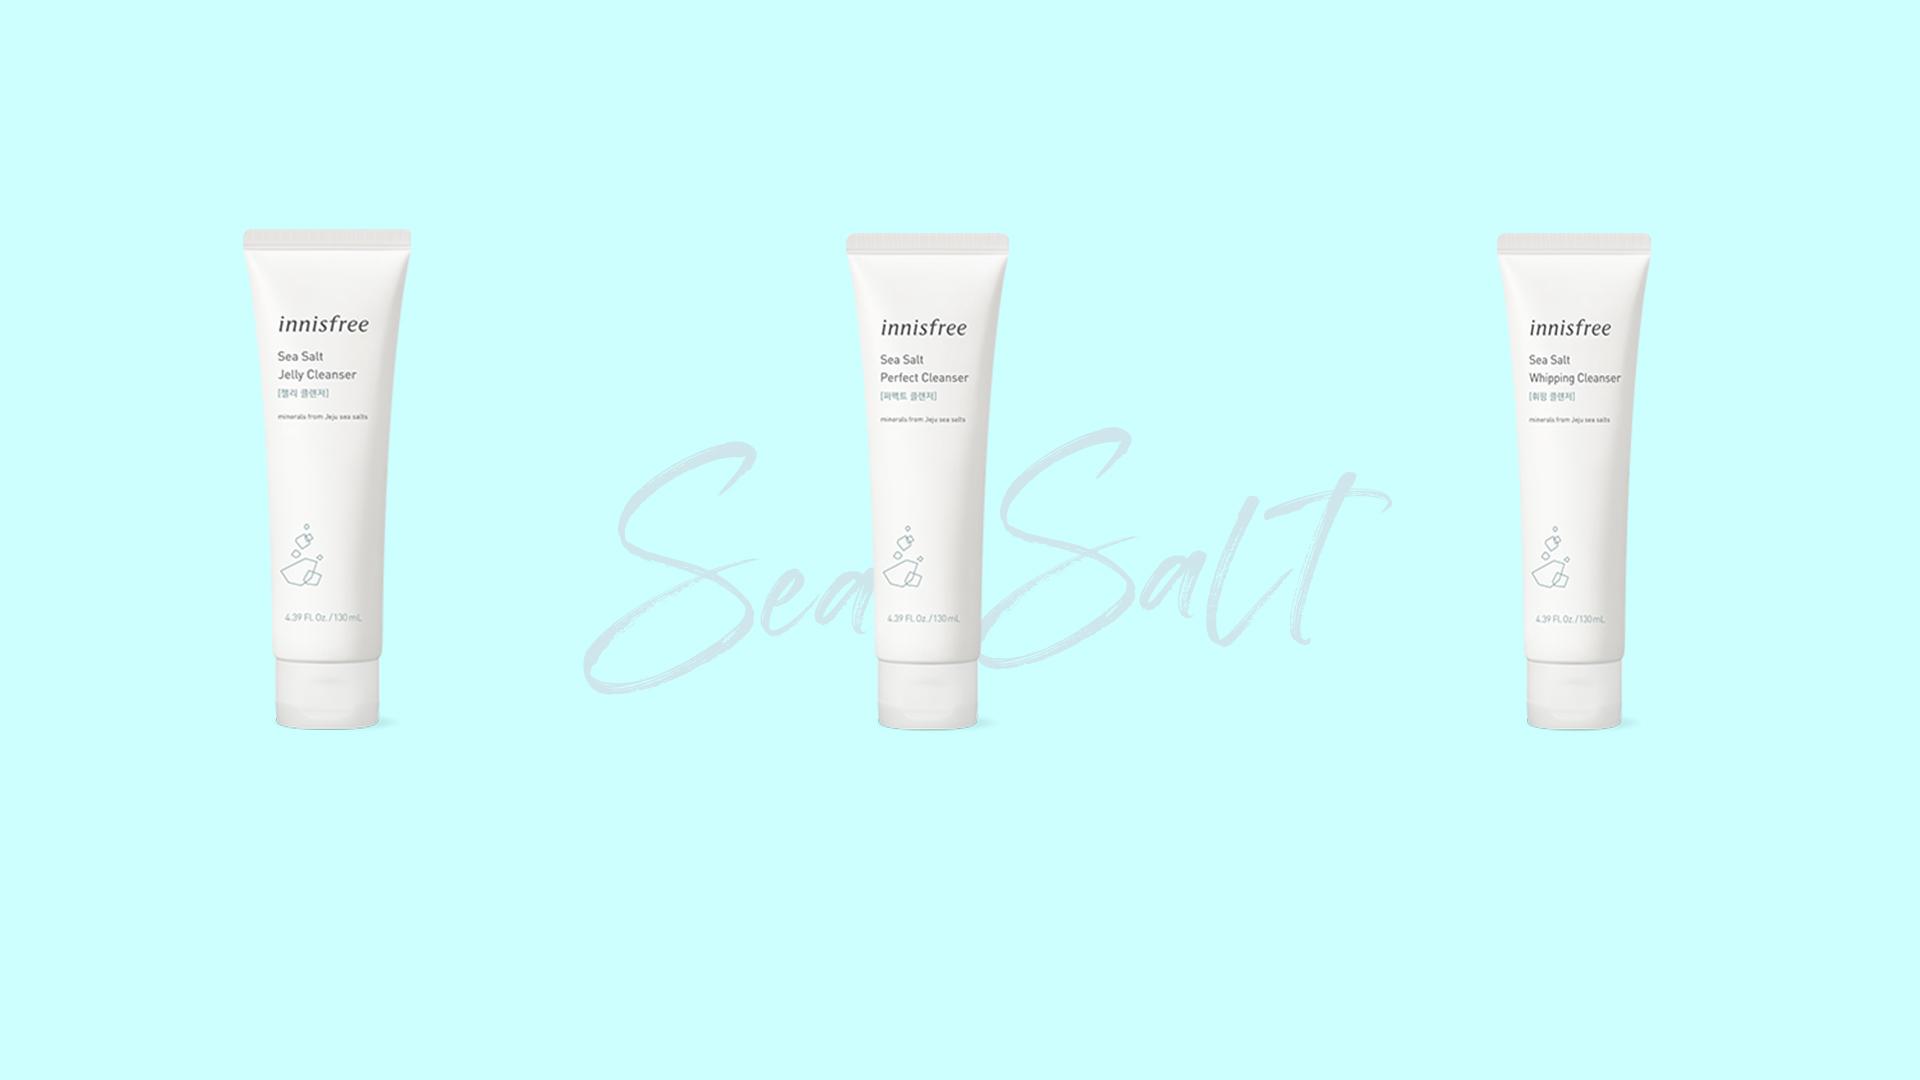 sữa rửa mặt innisfree sea salt